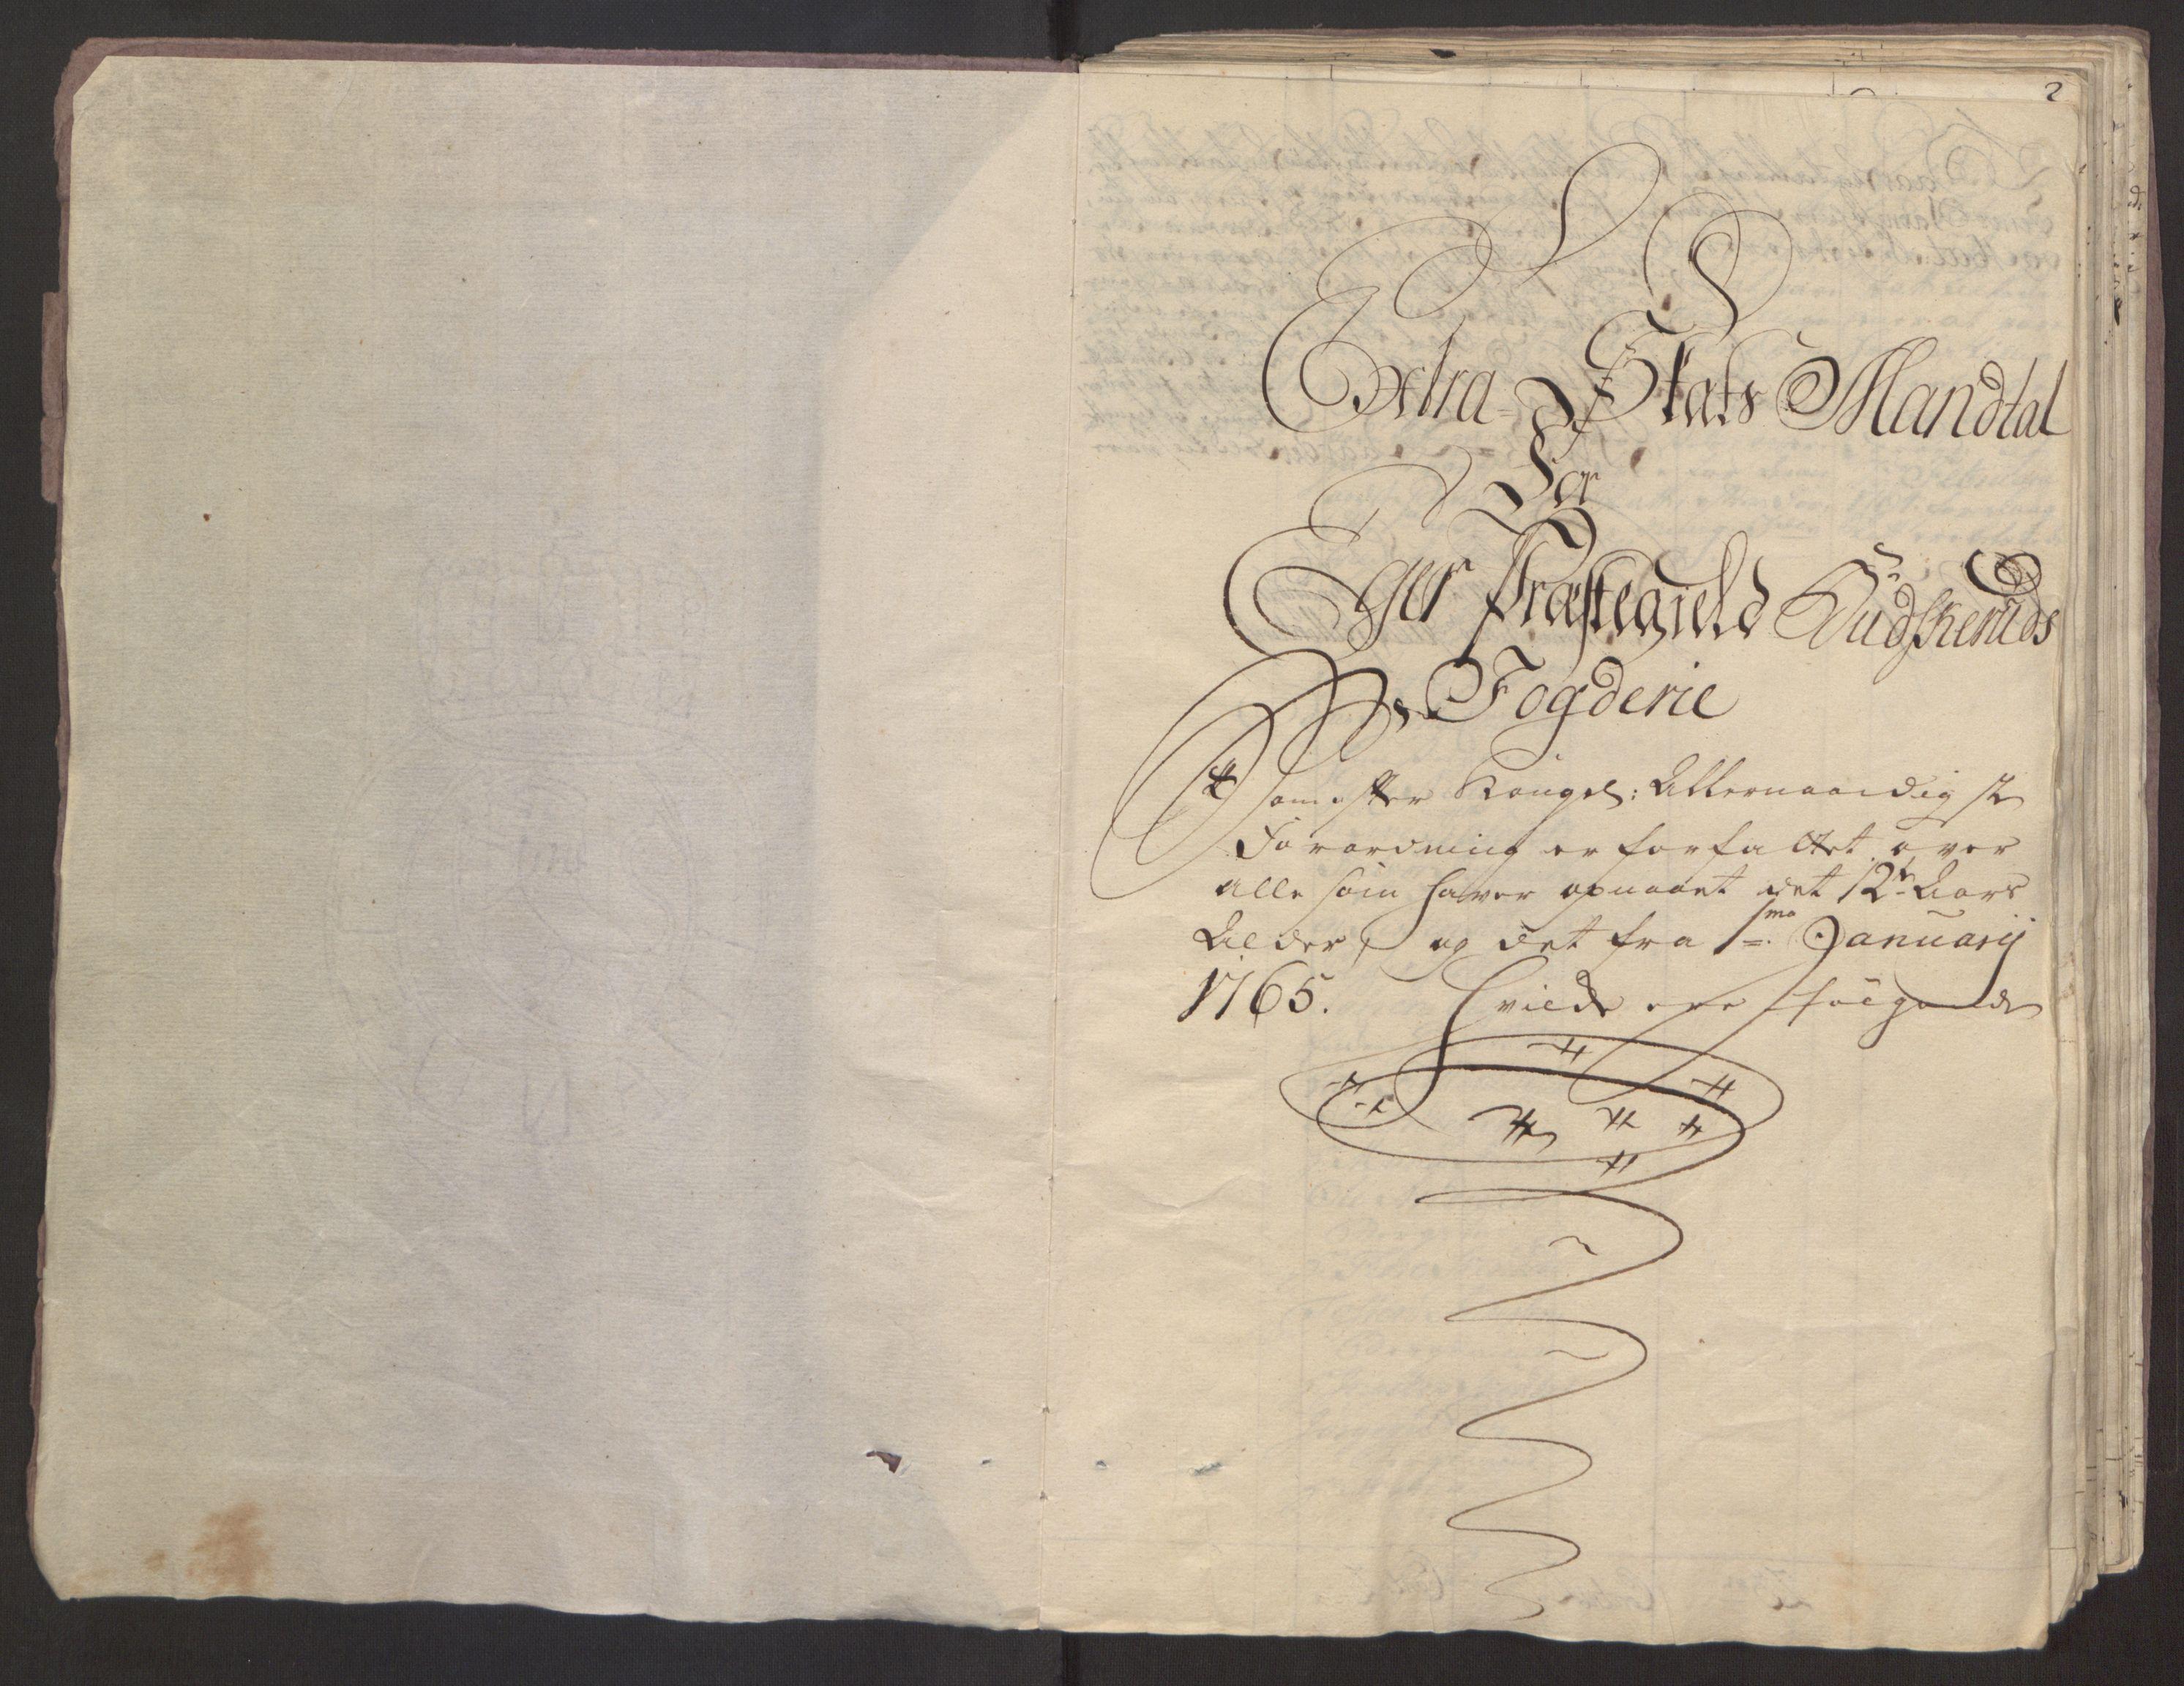 RA, Rentekammeret inntil 1814, Reviderte regnskaper, Fogderegnskap, R31/L1834: Ekstraskatten Hurum, Røyken, Eiker, Lier og Buskerud, 1765, s. 113